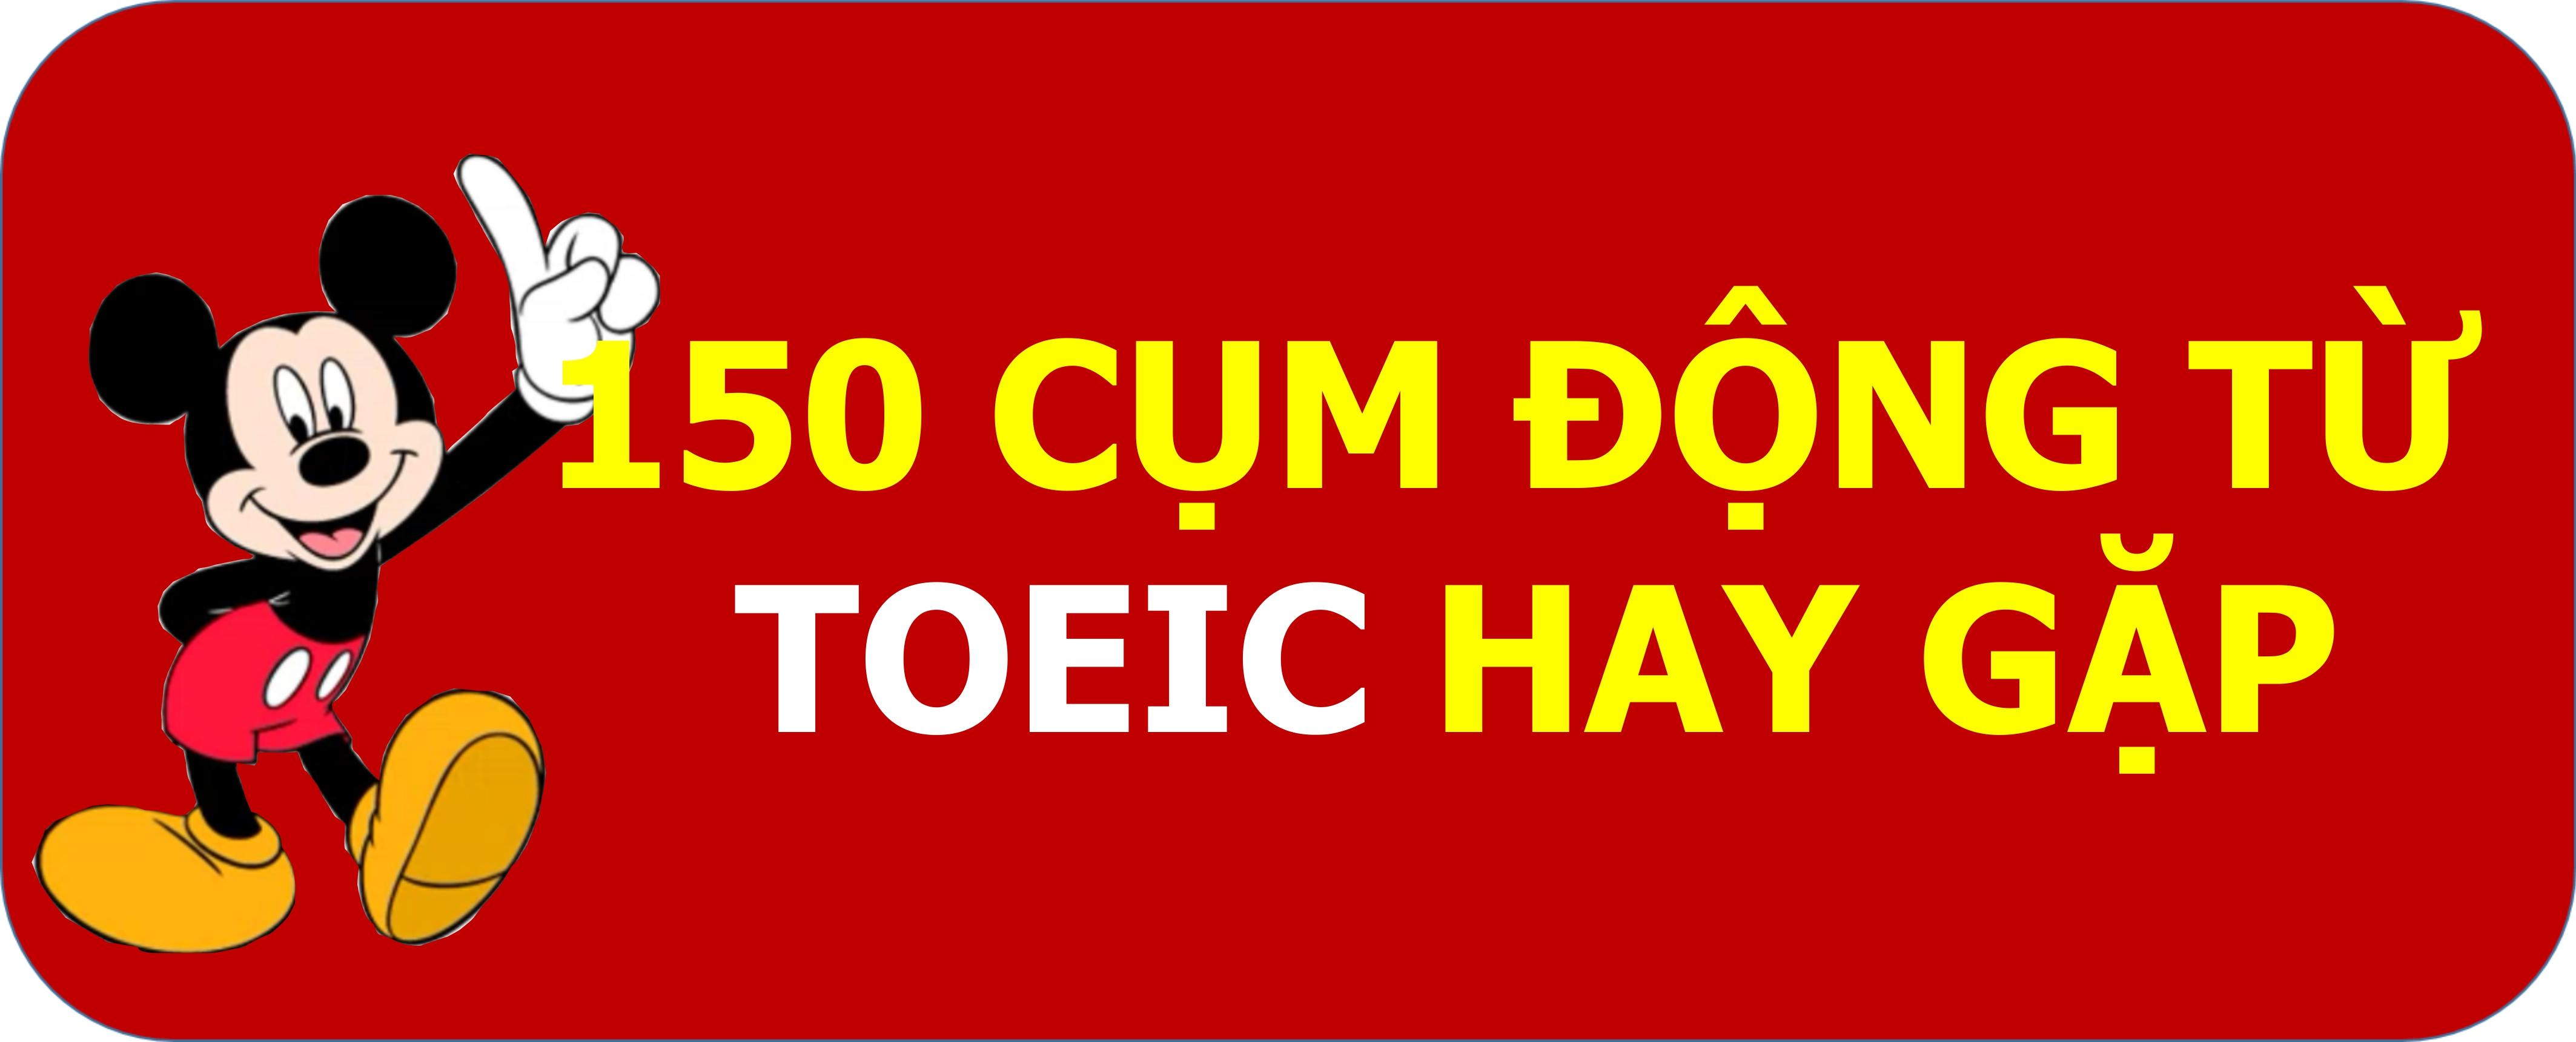 toeic-msngoc-150-cum-dong-tu-toeic-hay-gap-183